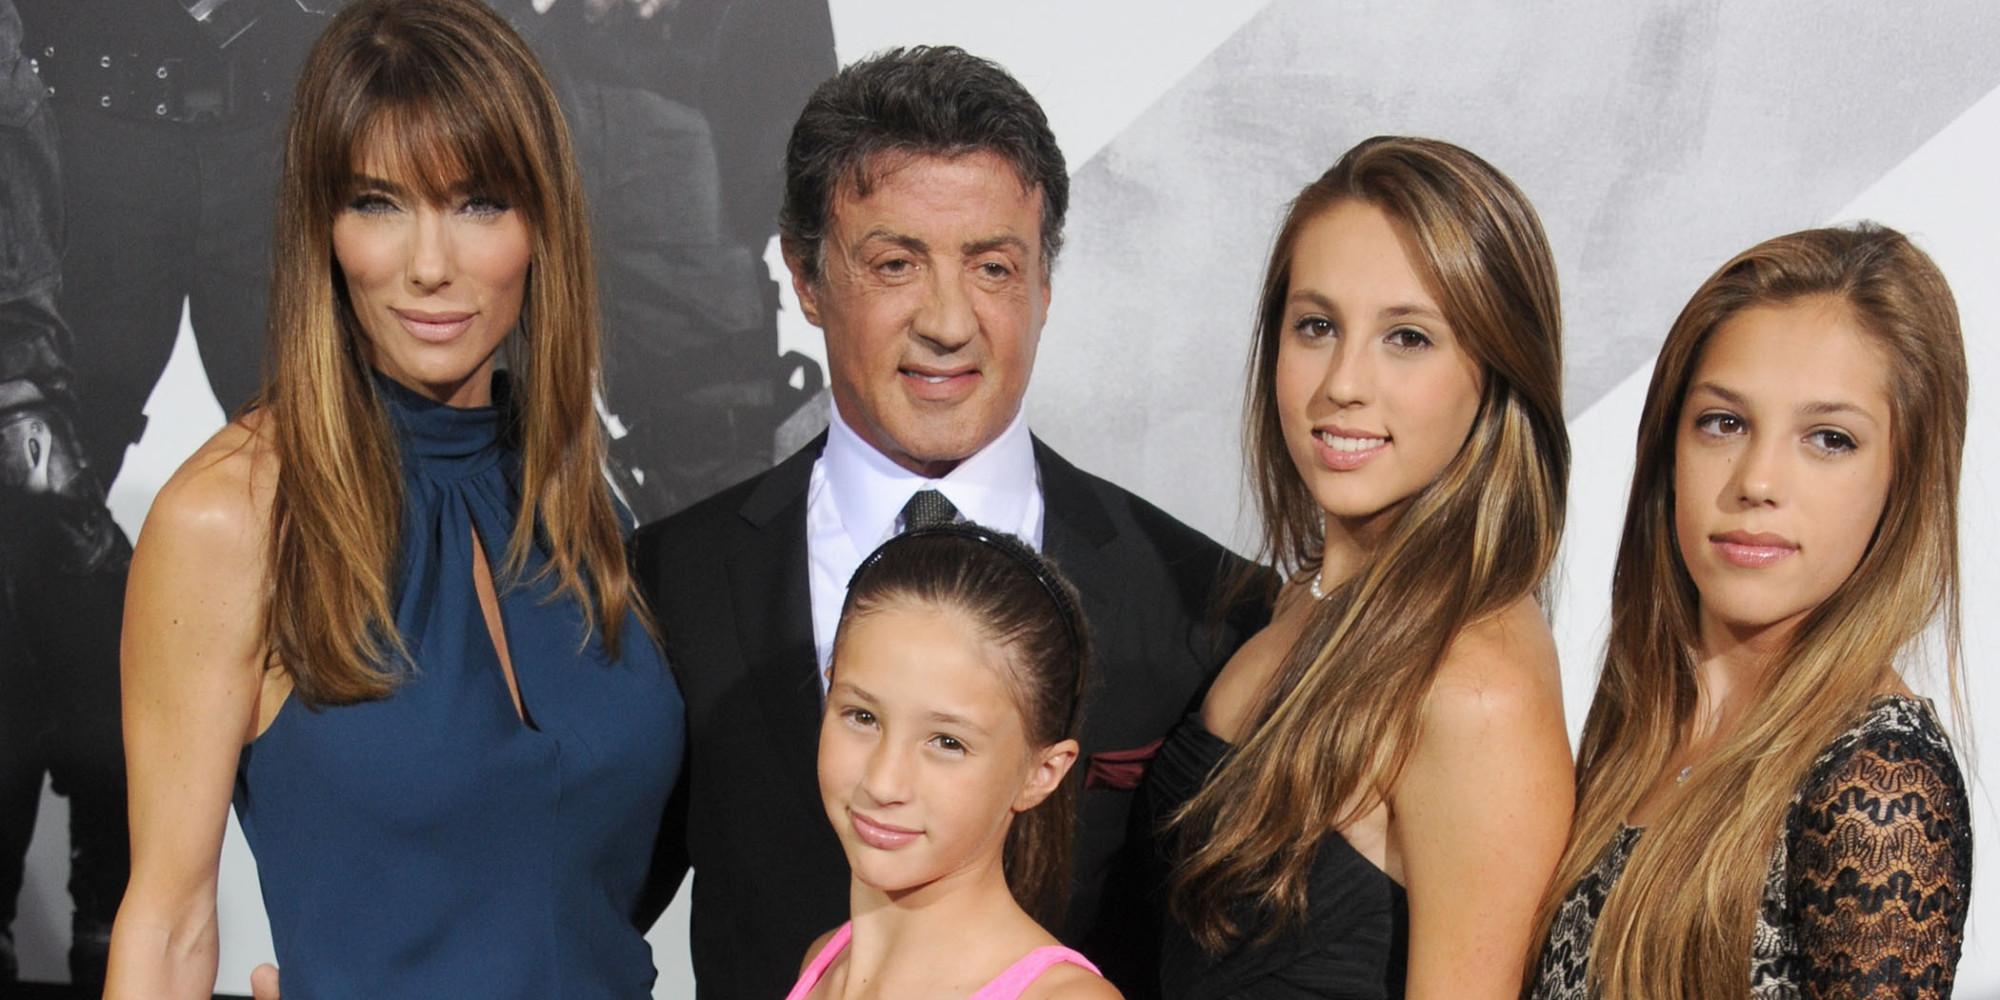 Сильвестр сталлоне фото его детей